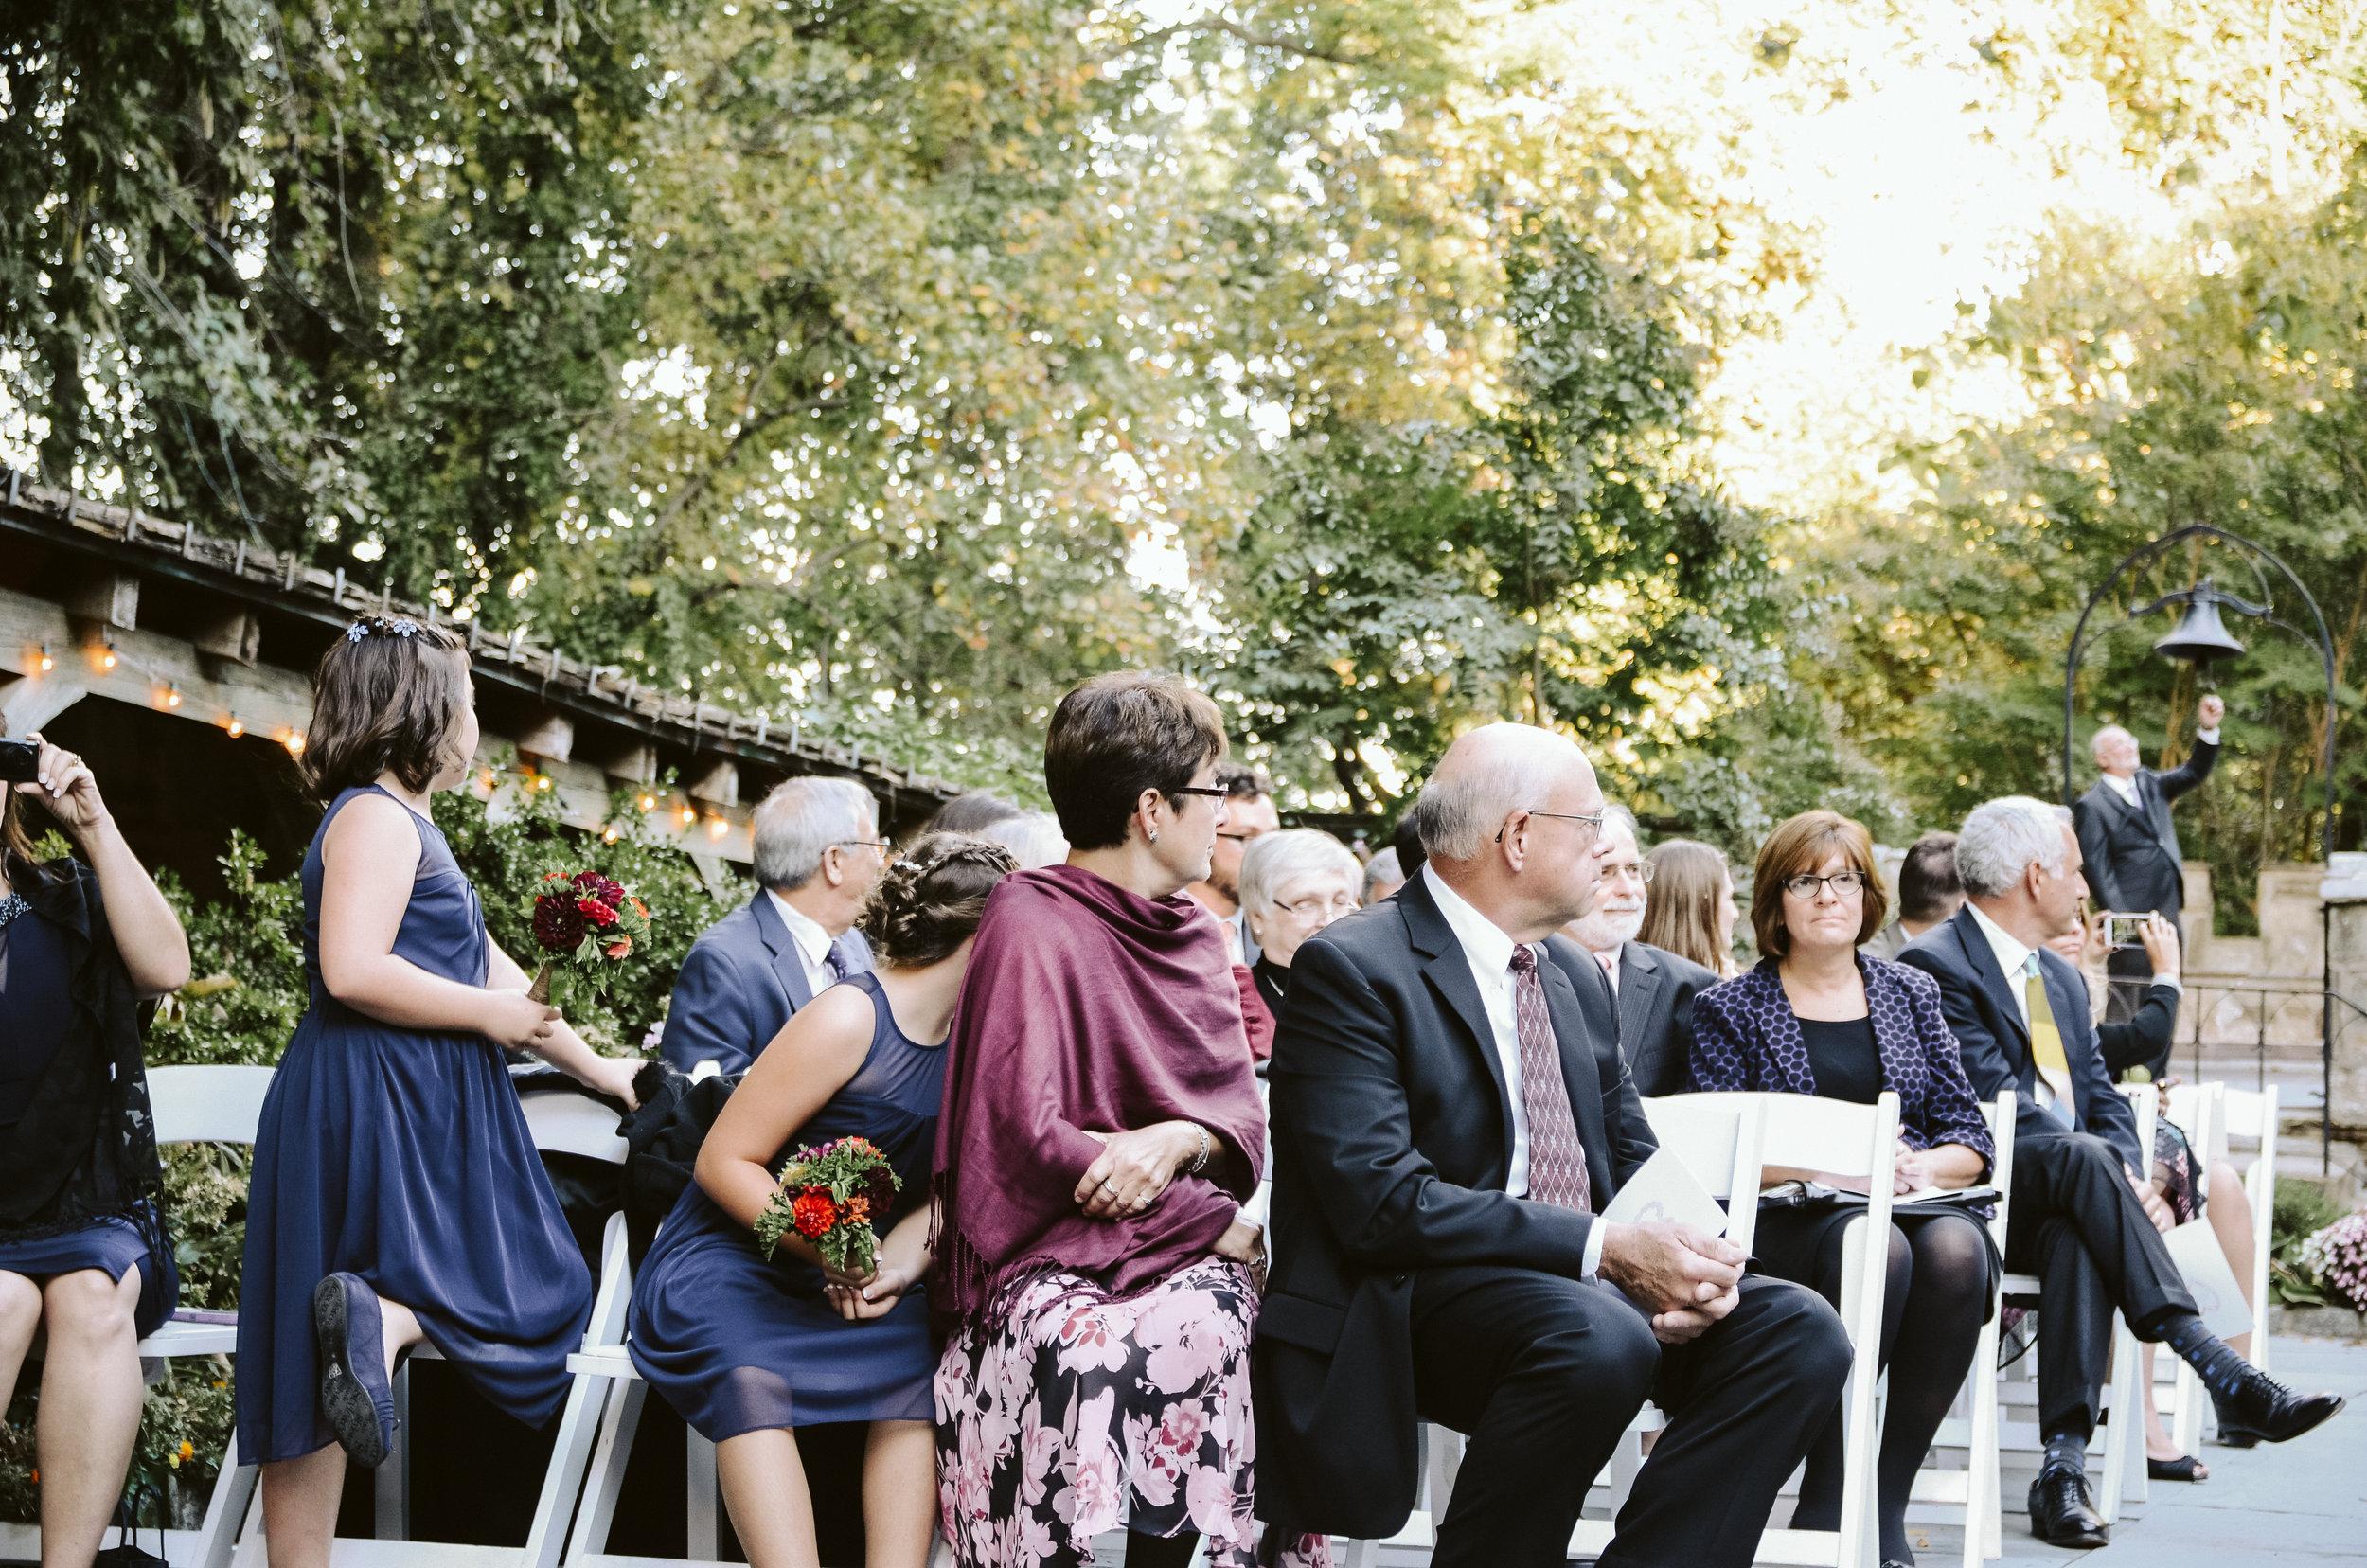 adrienne and greg's wedding 2018 edits-43.jpg